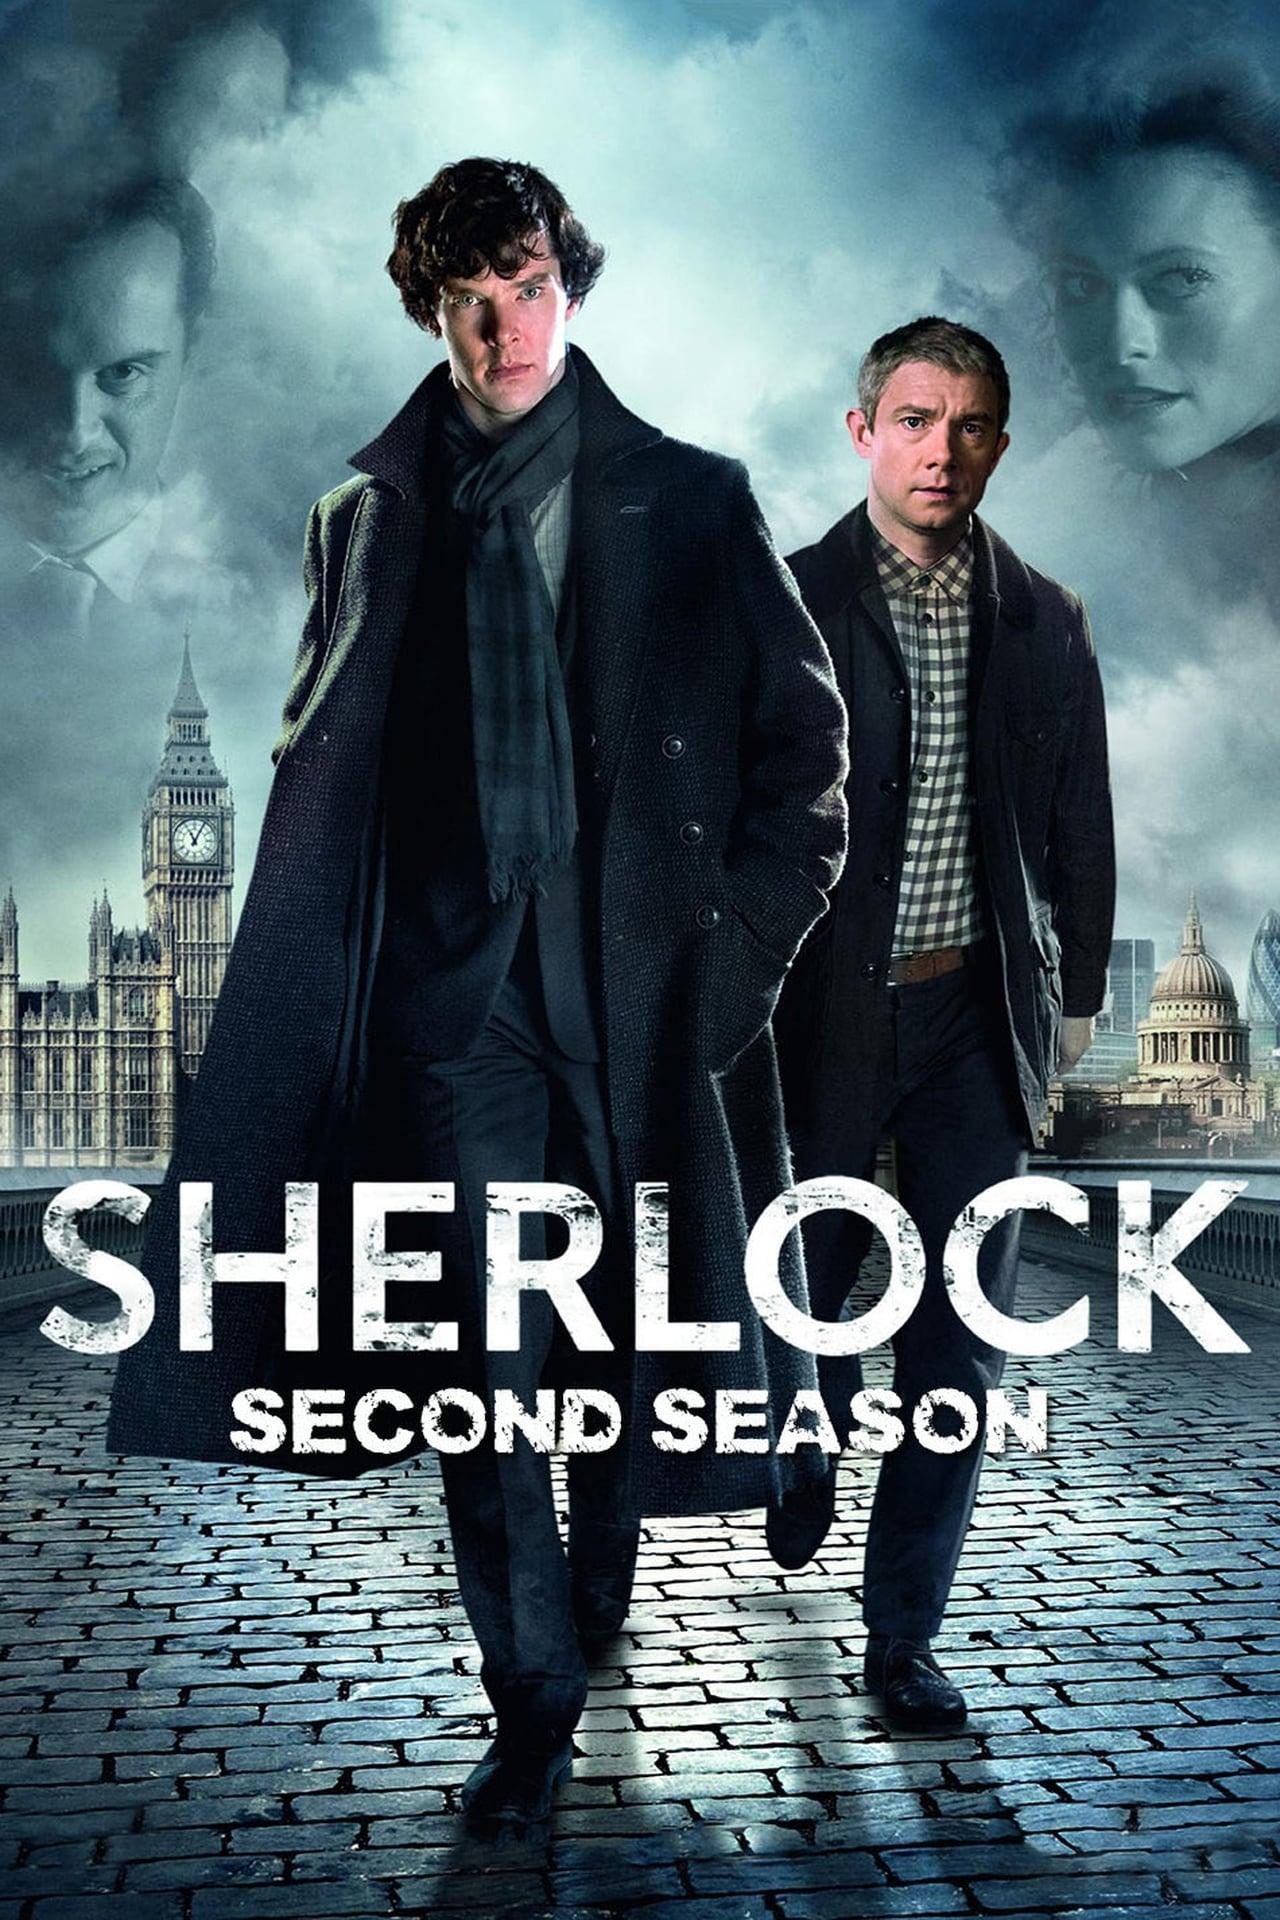 Watch Sherlock Season 2 Online